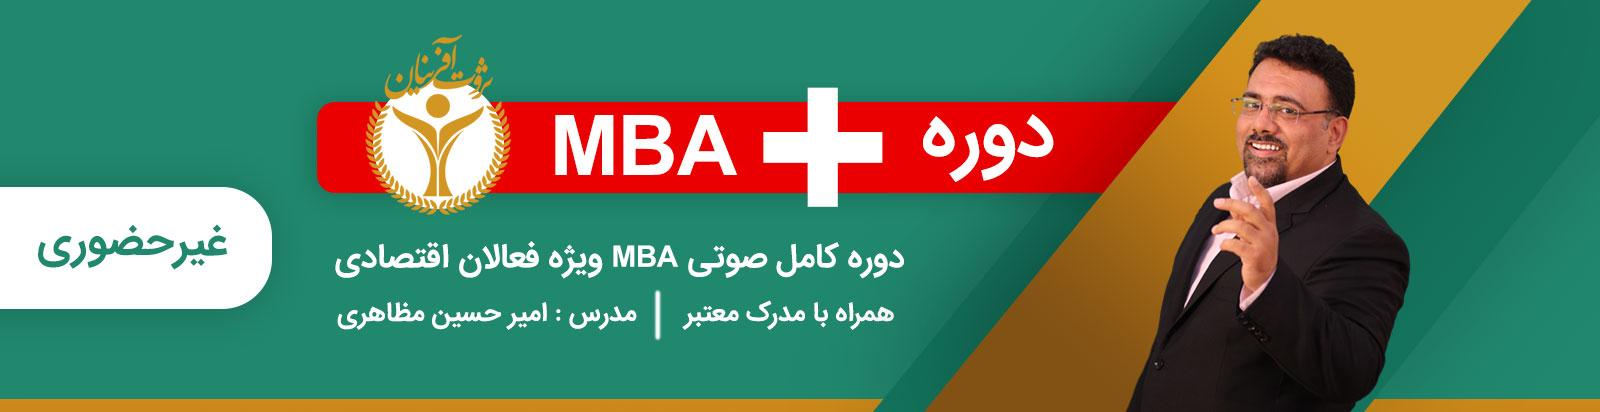 دوره MBA+